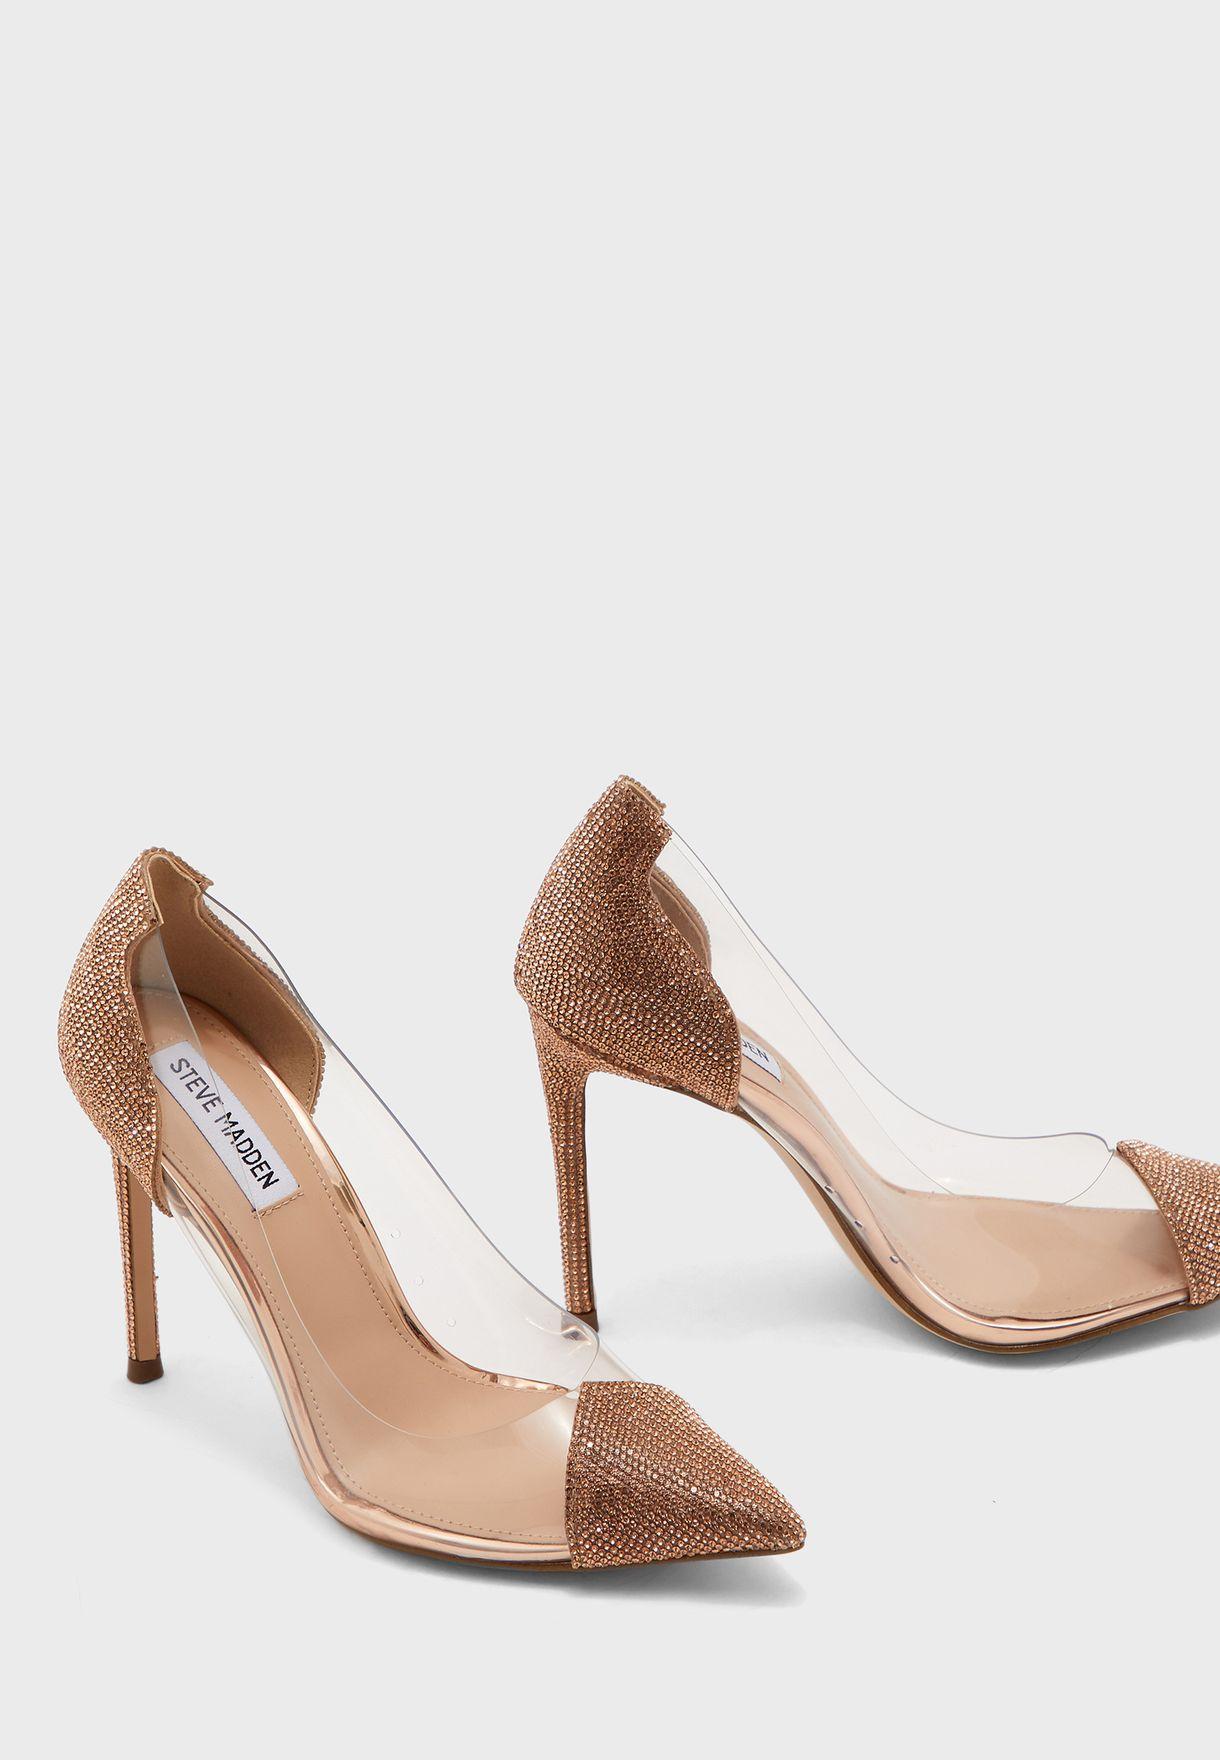 حذاء شفاف باحجار الراين